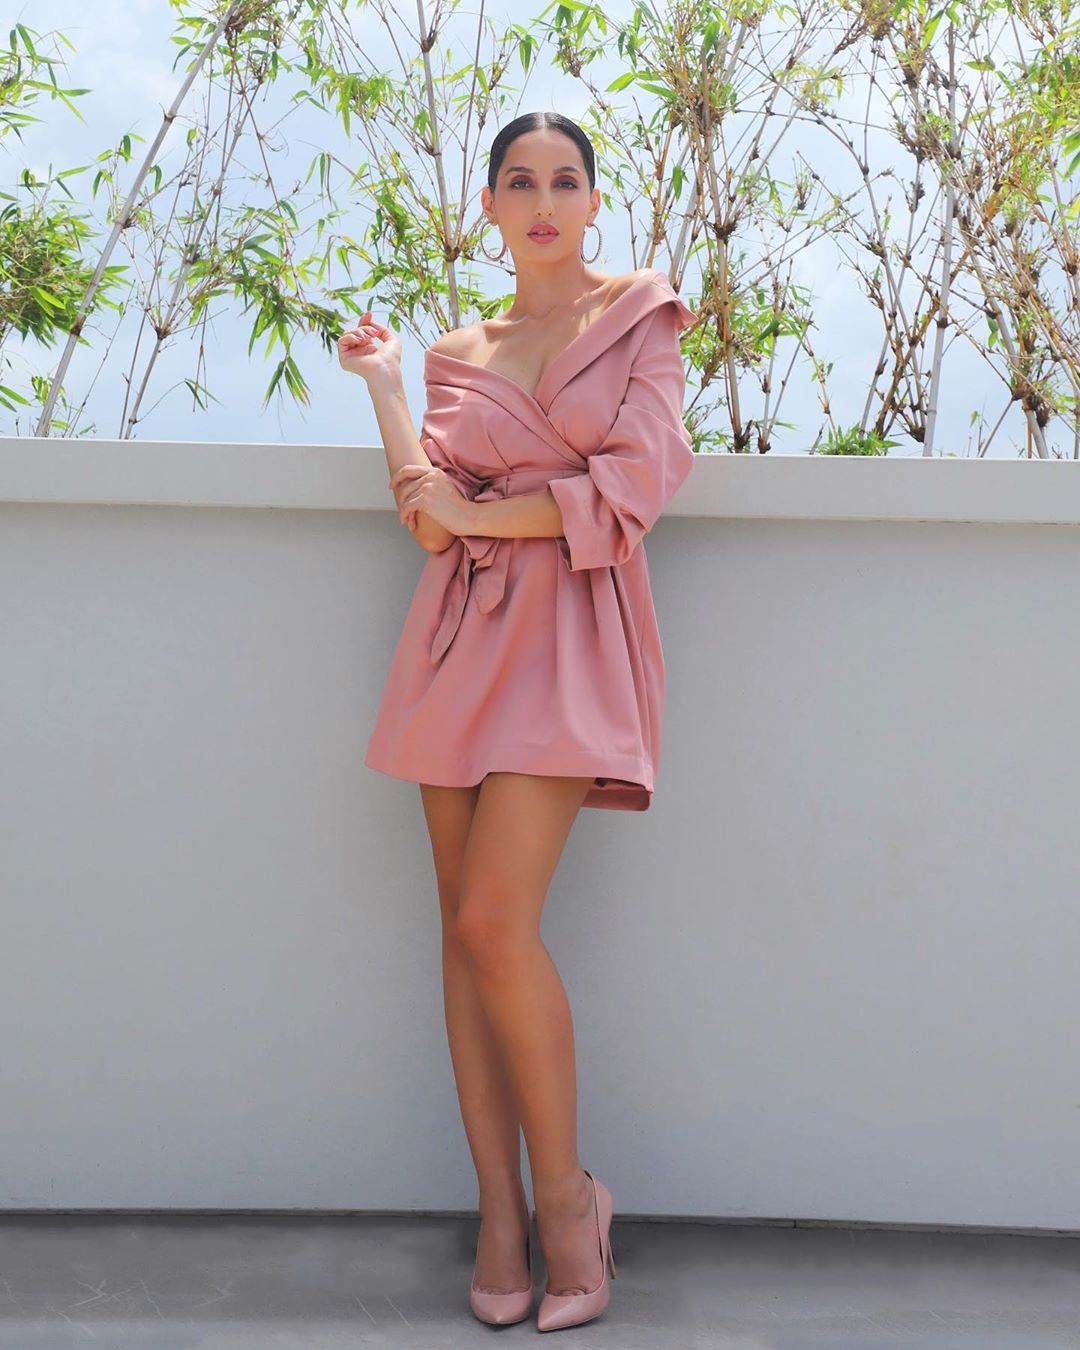 nora fatehi hot pic in pink dress